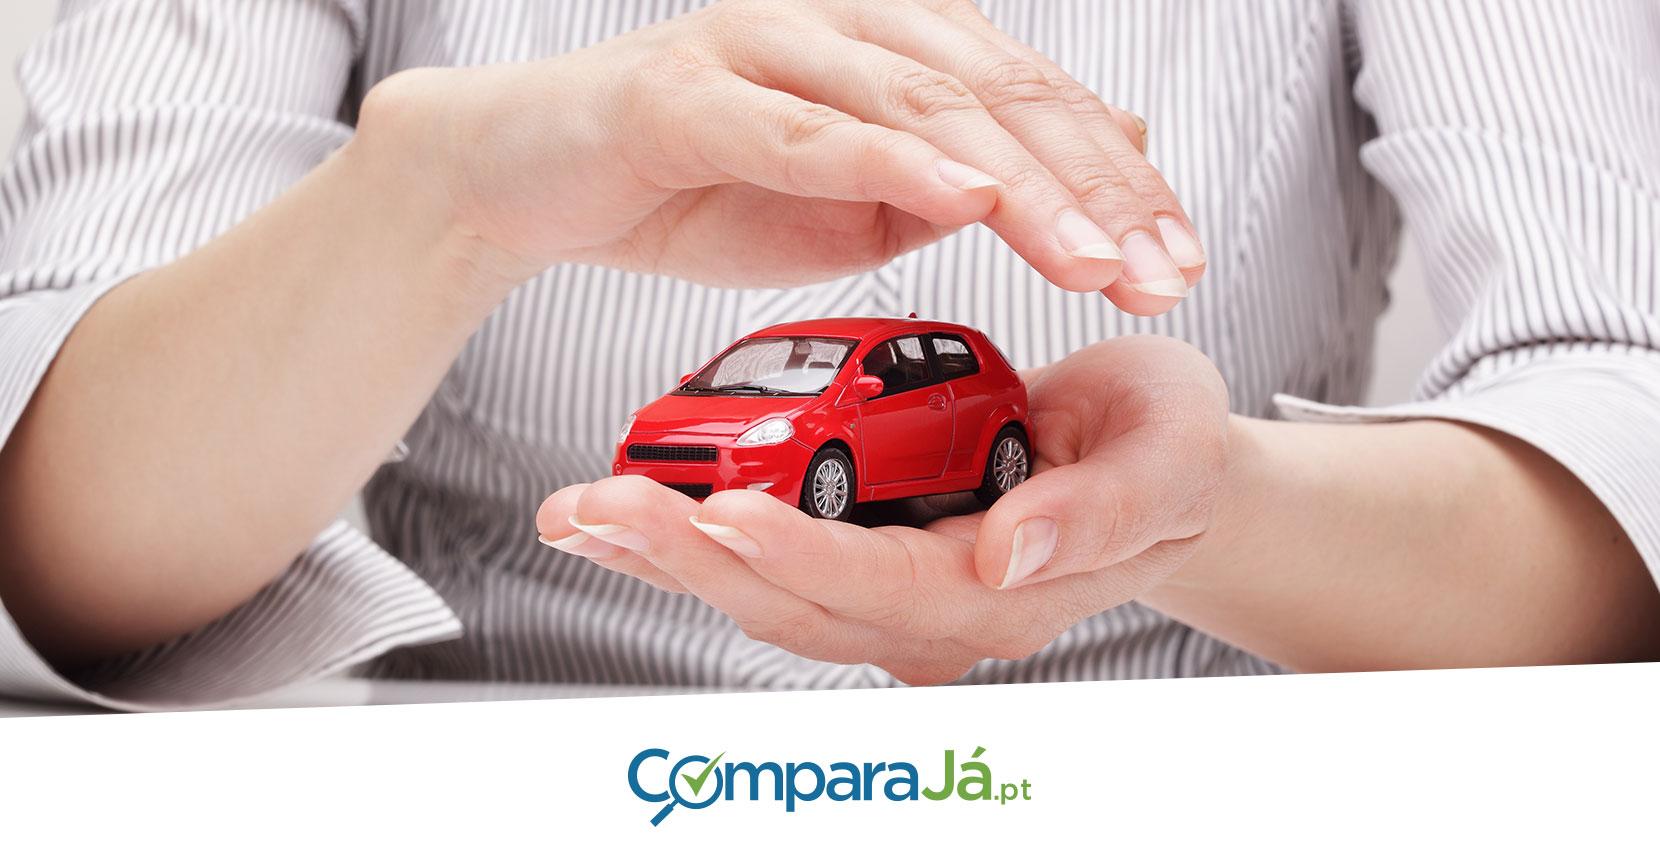 Guia do Seguro Automóvel em Portugal